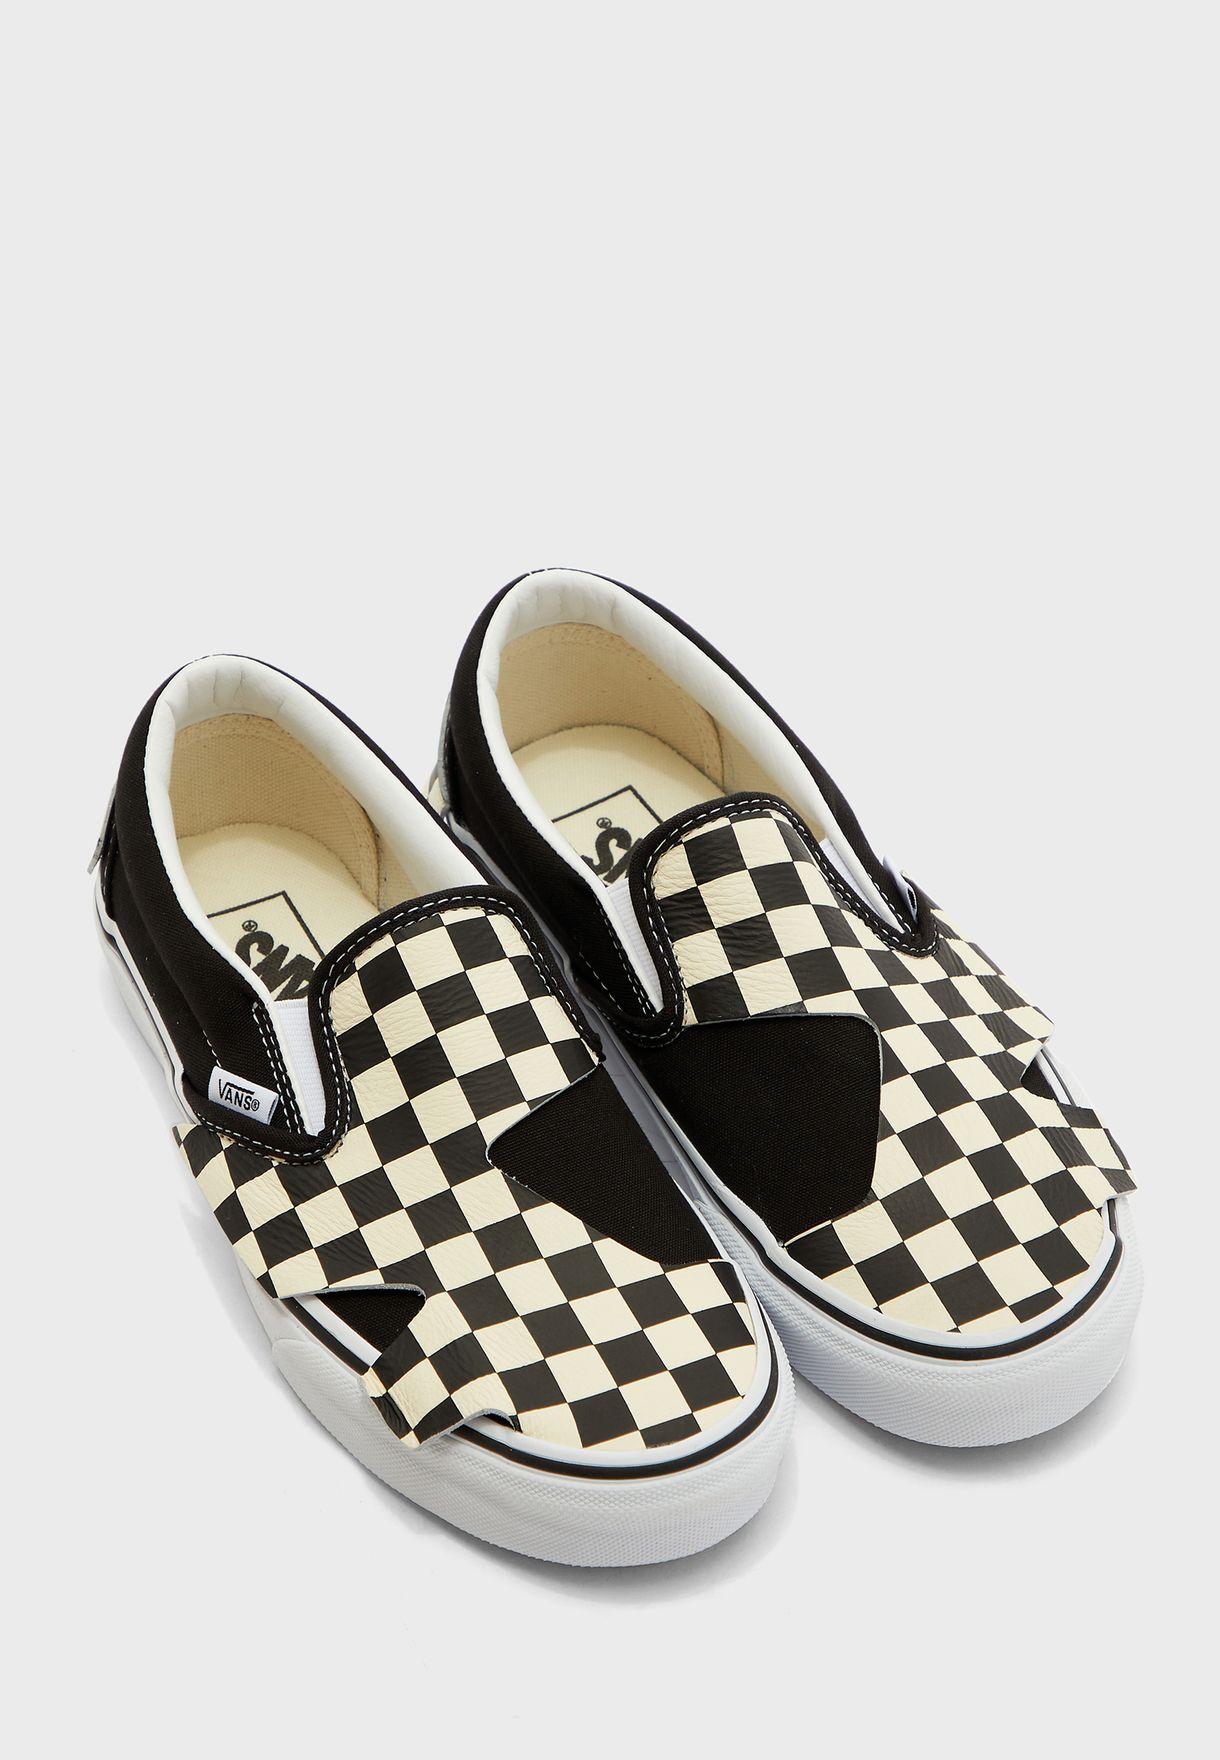 حذاء مزين بطباعة مربعات